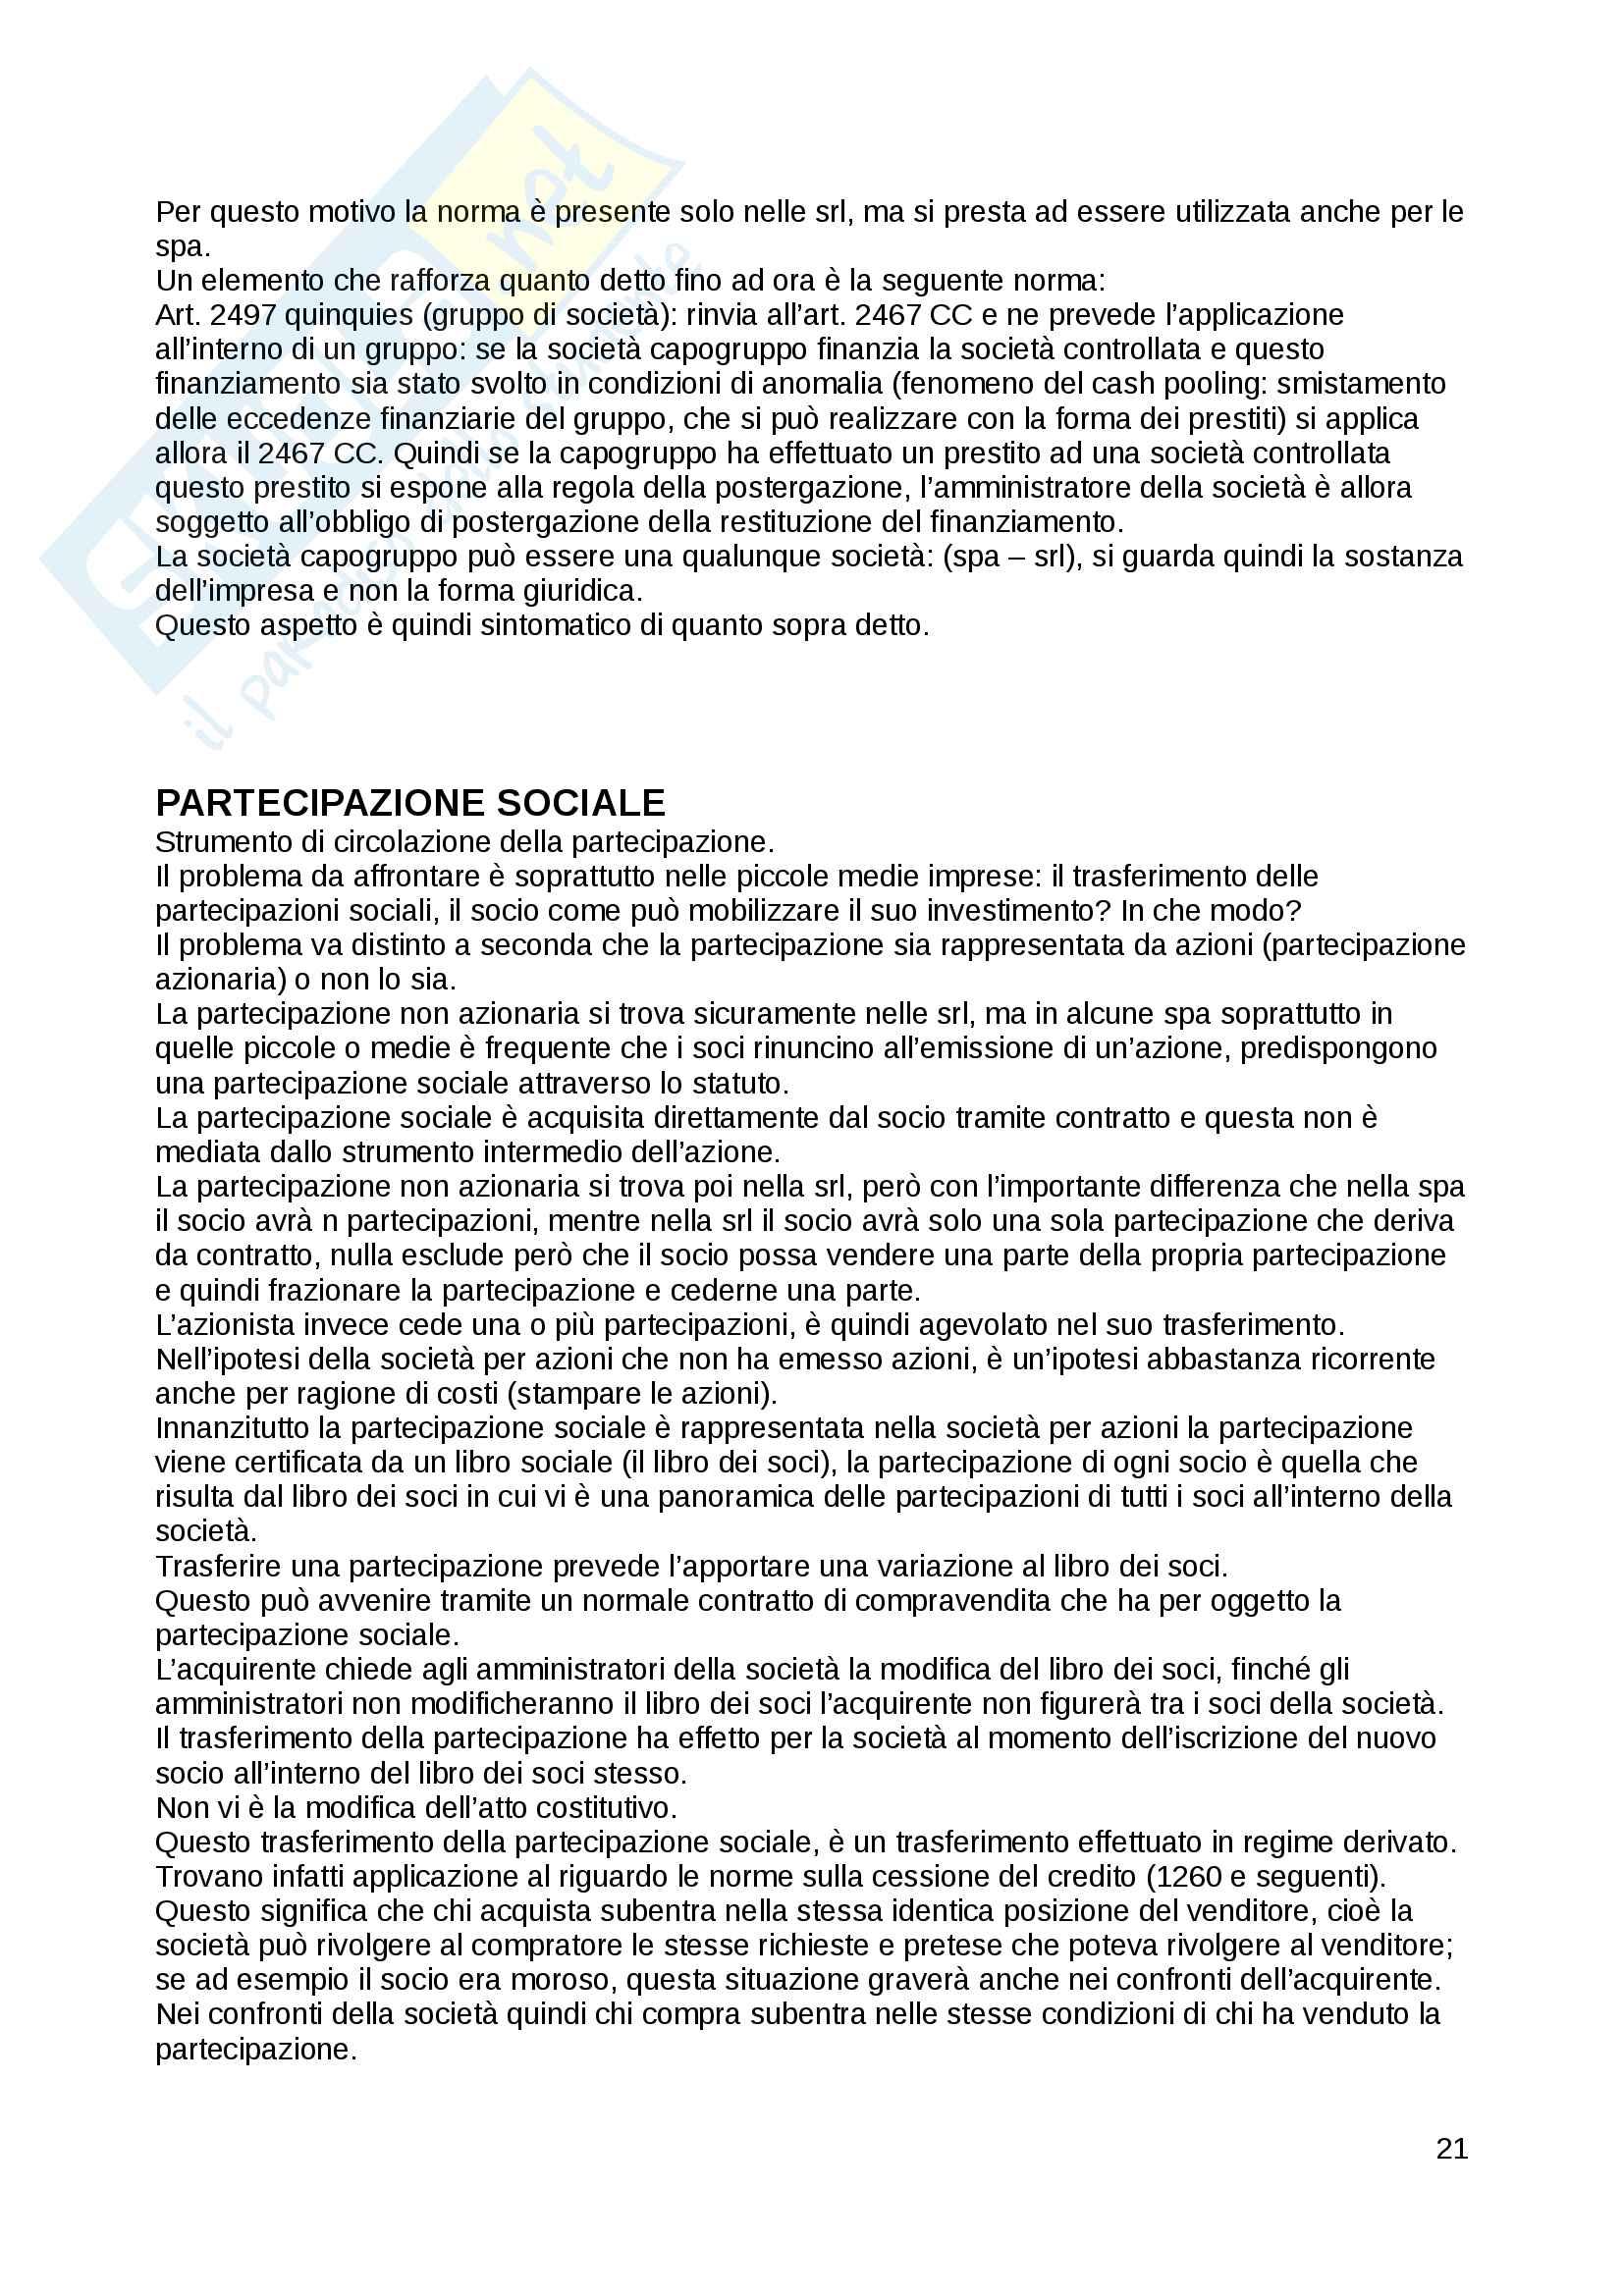 Appunti di diritto delle società validi per il superamento dell'esame con Cetra Pag. 21